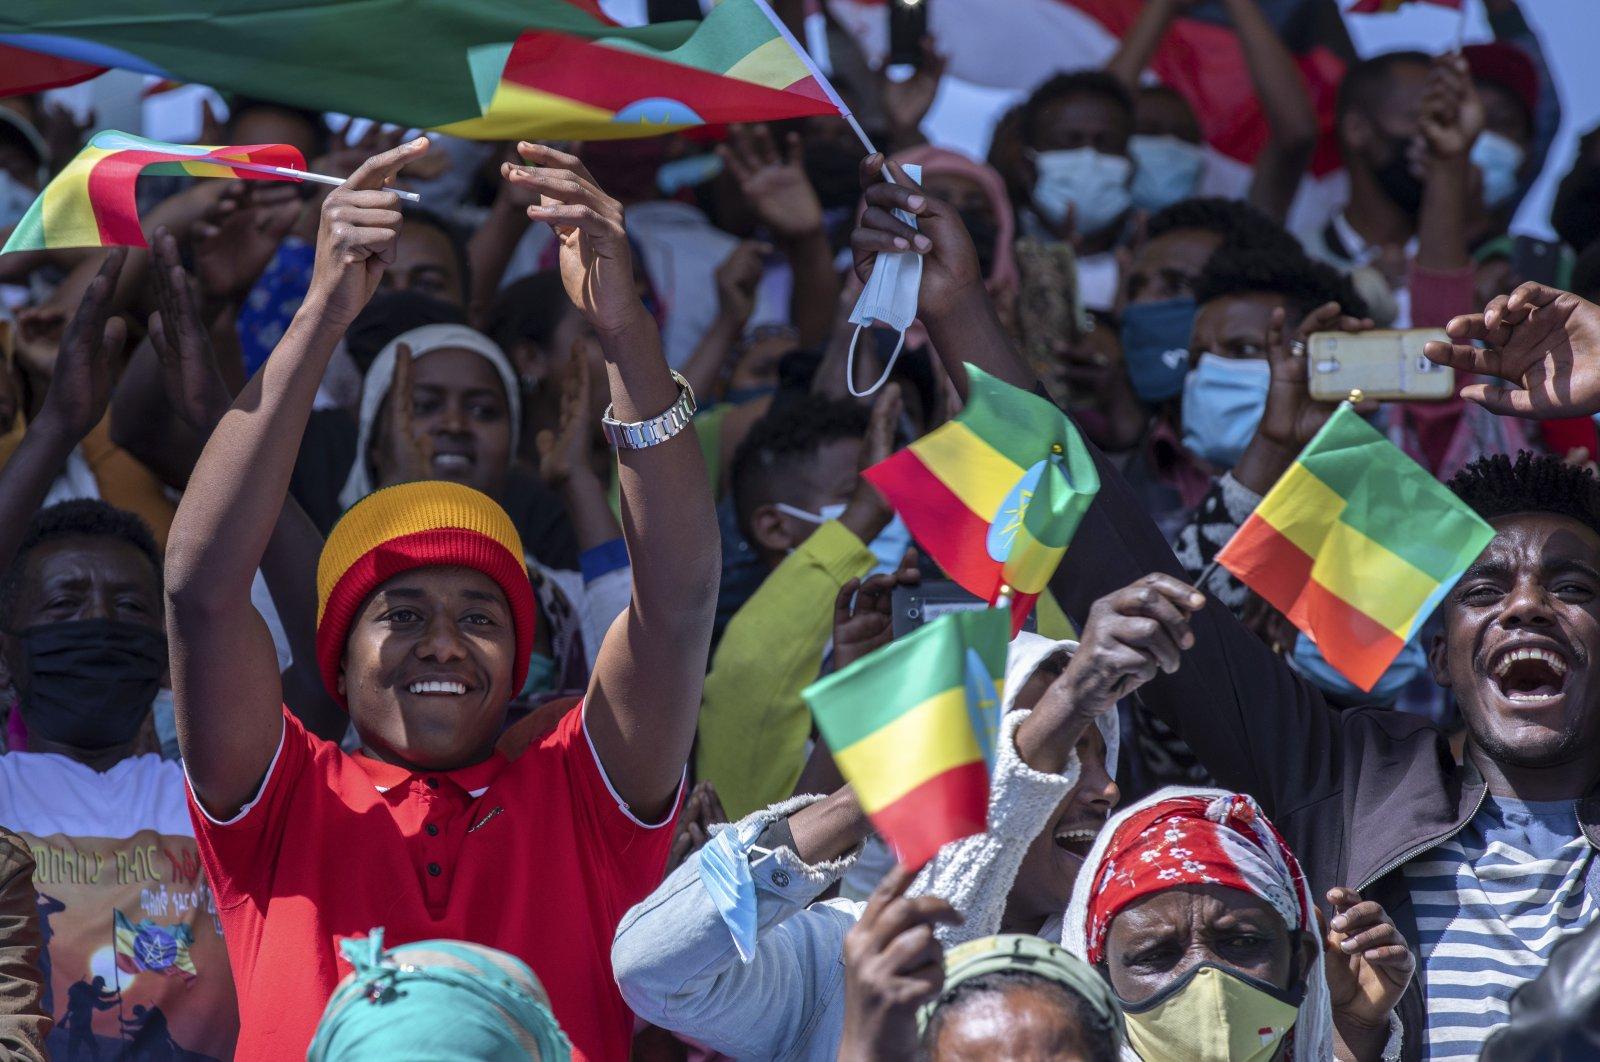 Ethiopians hold national flags at the Abebe Bikila stadium, Addis Ababa, Nov. 17, 2020. (AP Photo)